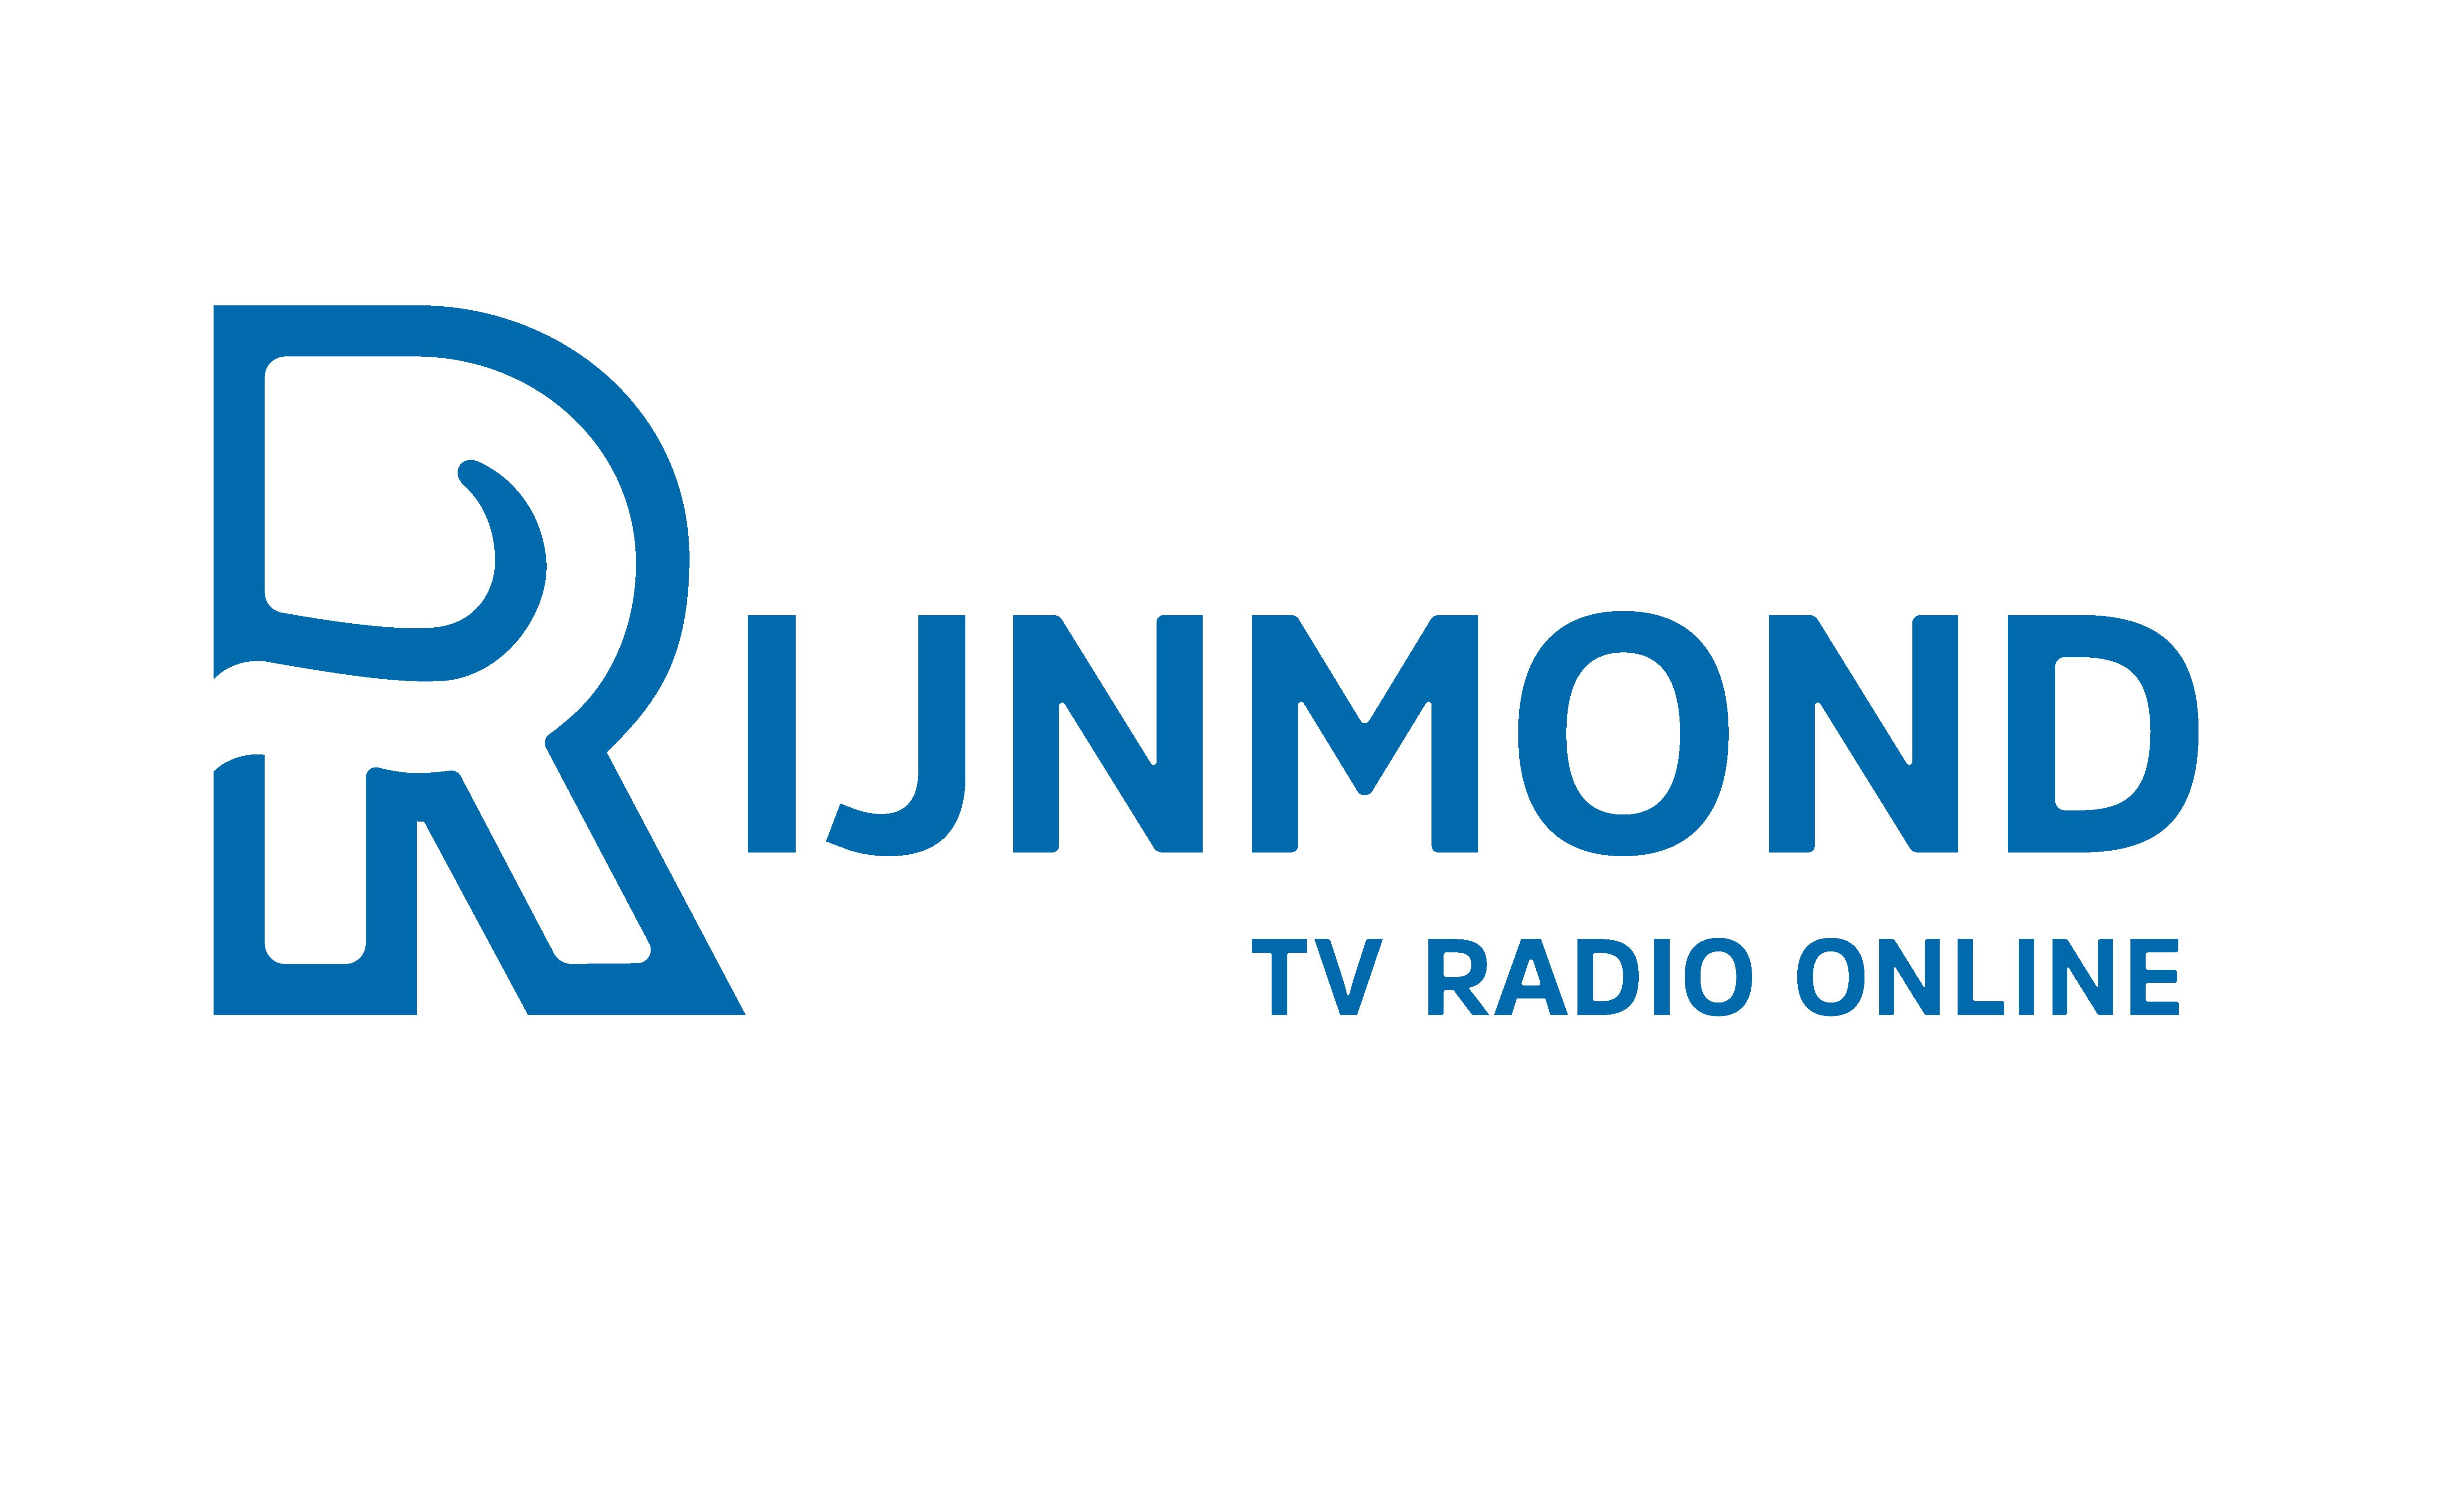 radio-rijnmond